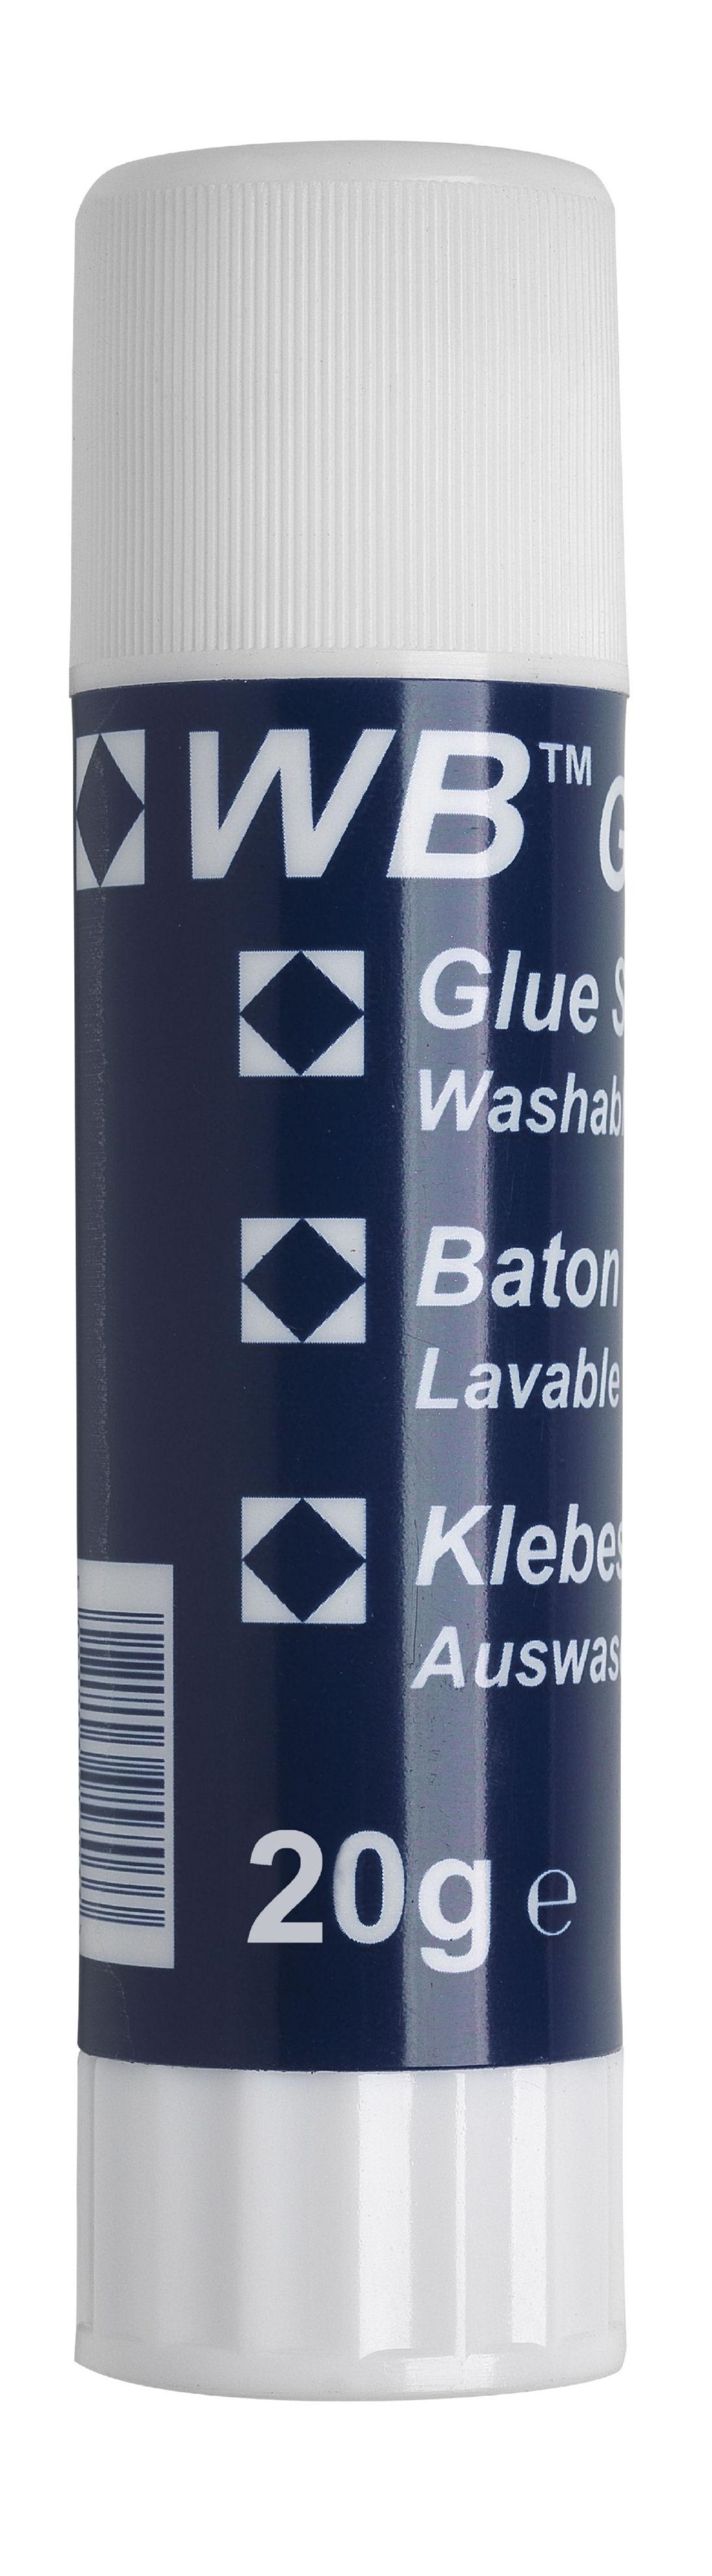 Value Glue Stick Pva 20G PK24